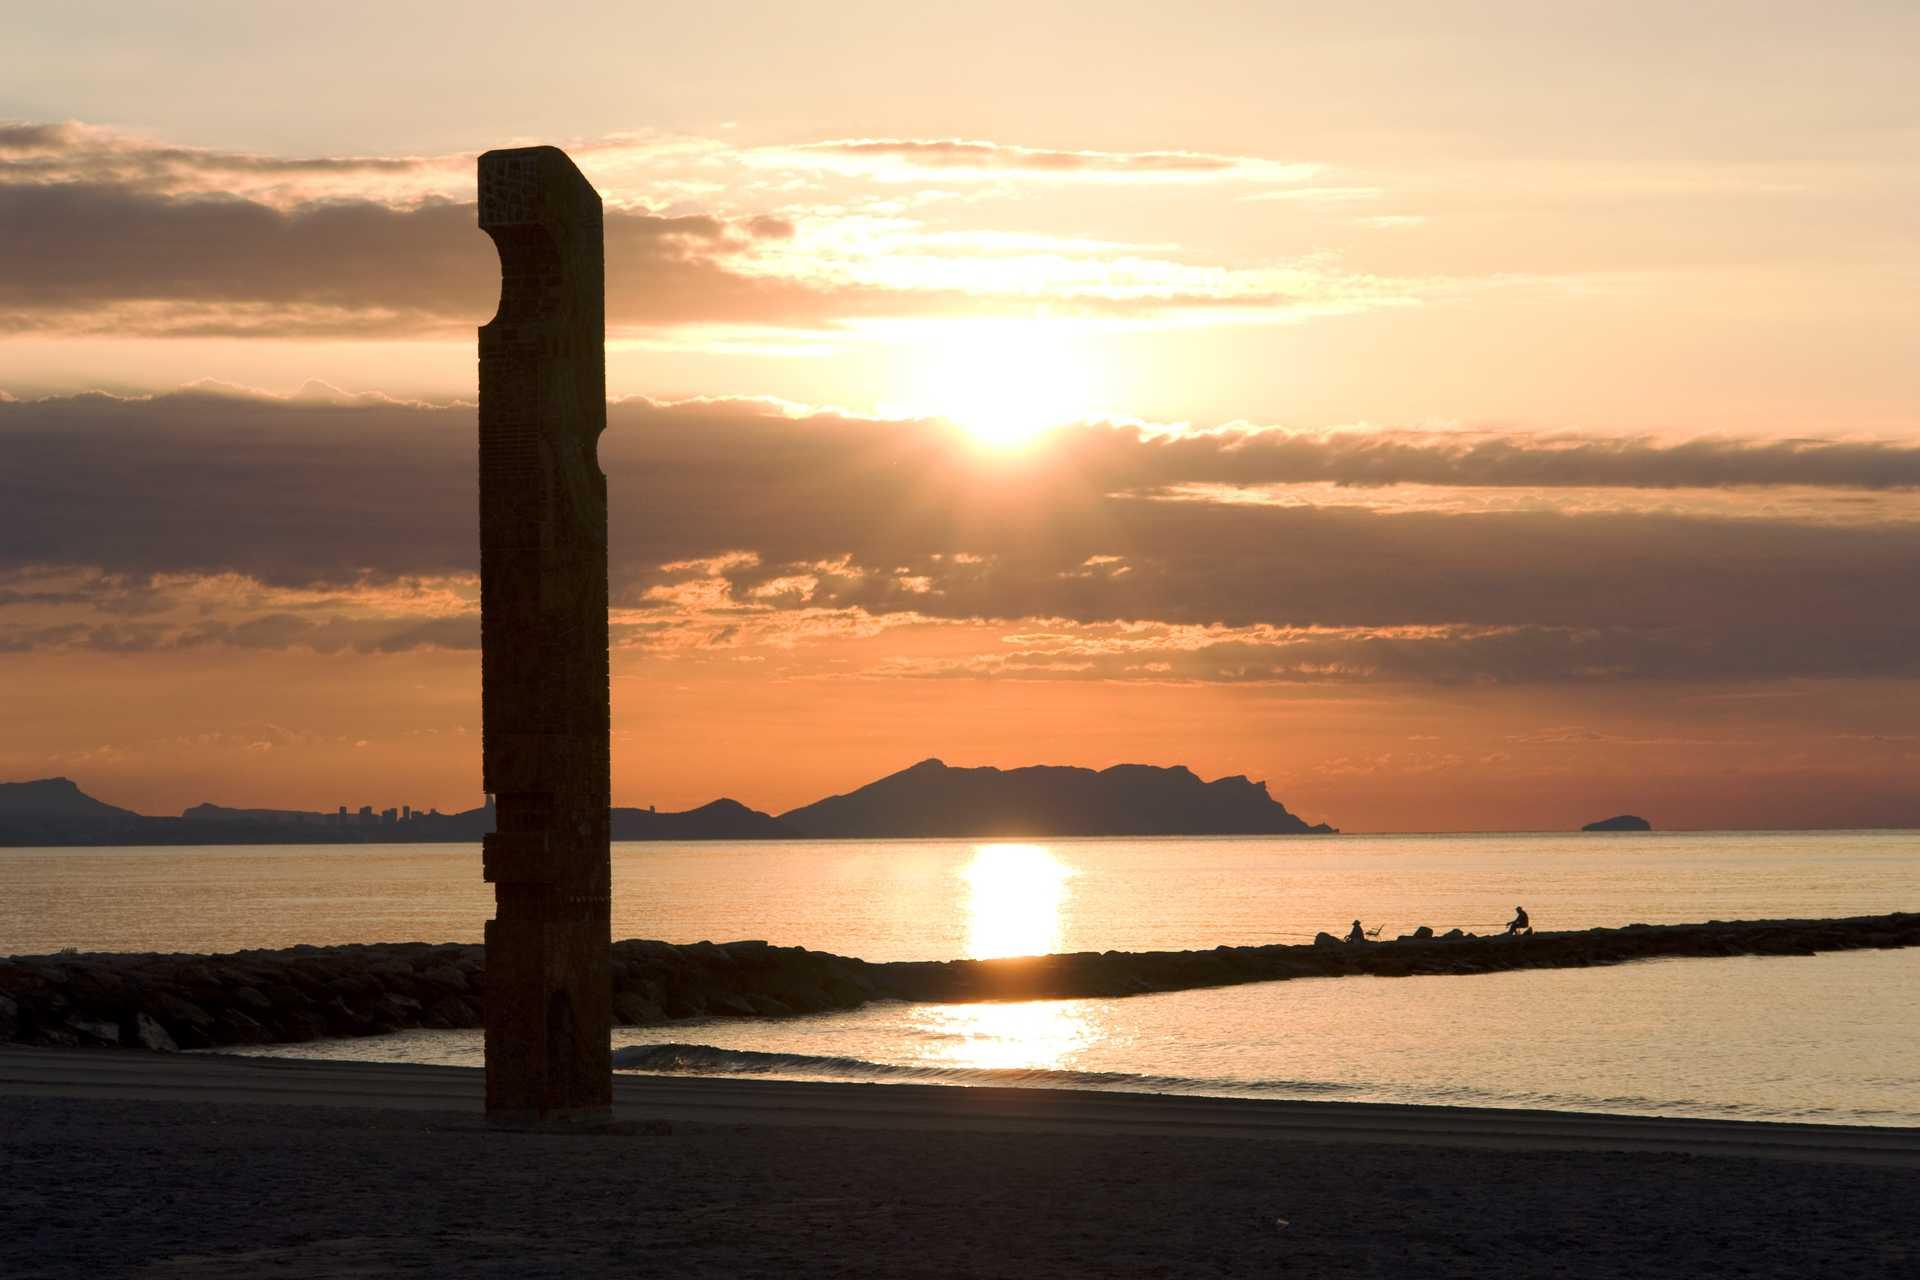 Denkmal des fischers